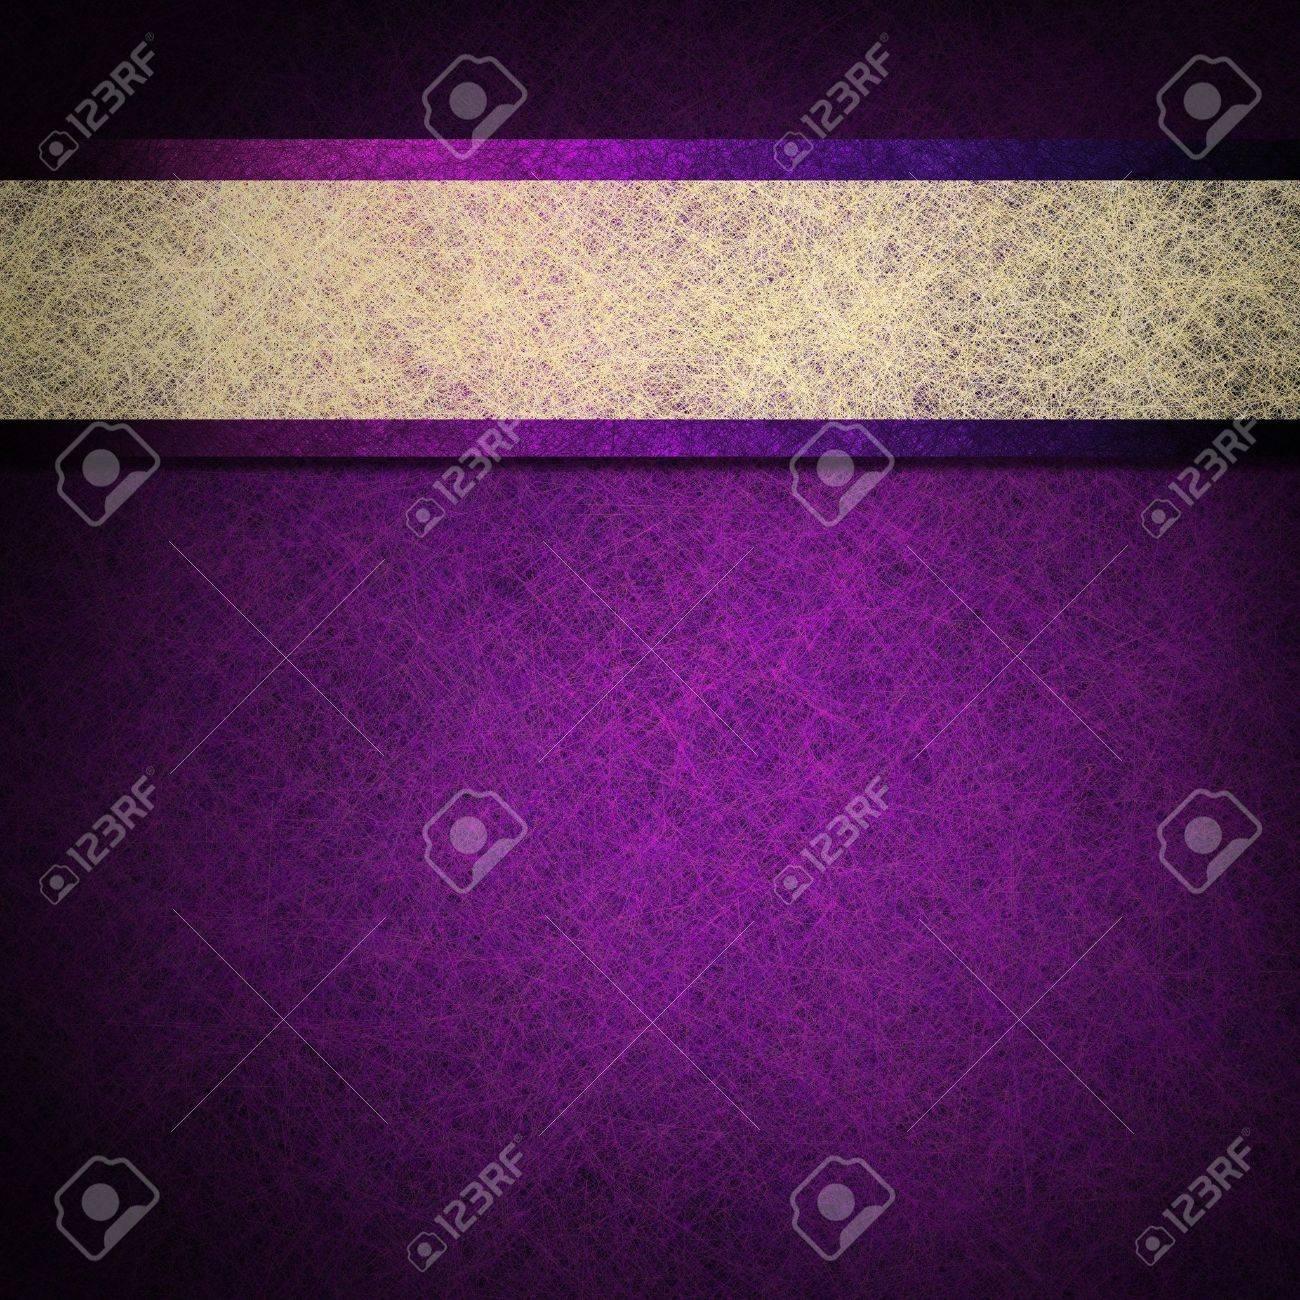 Resumen De Diseño De Color Morado De Fondo Diseño, Ilustración, Con ...